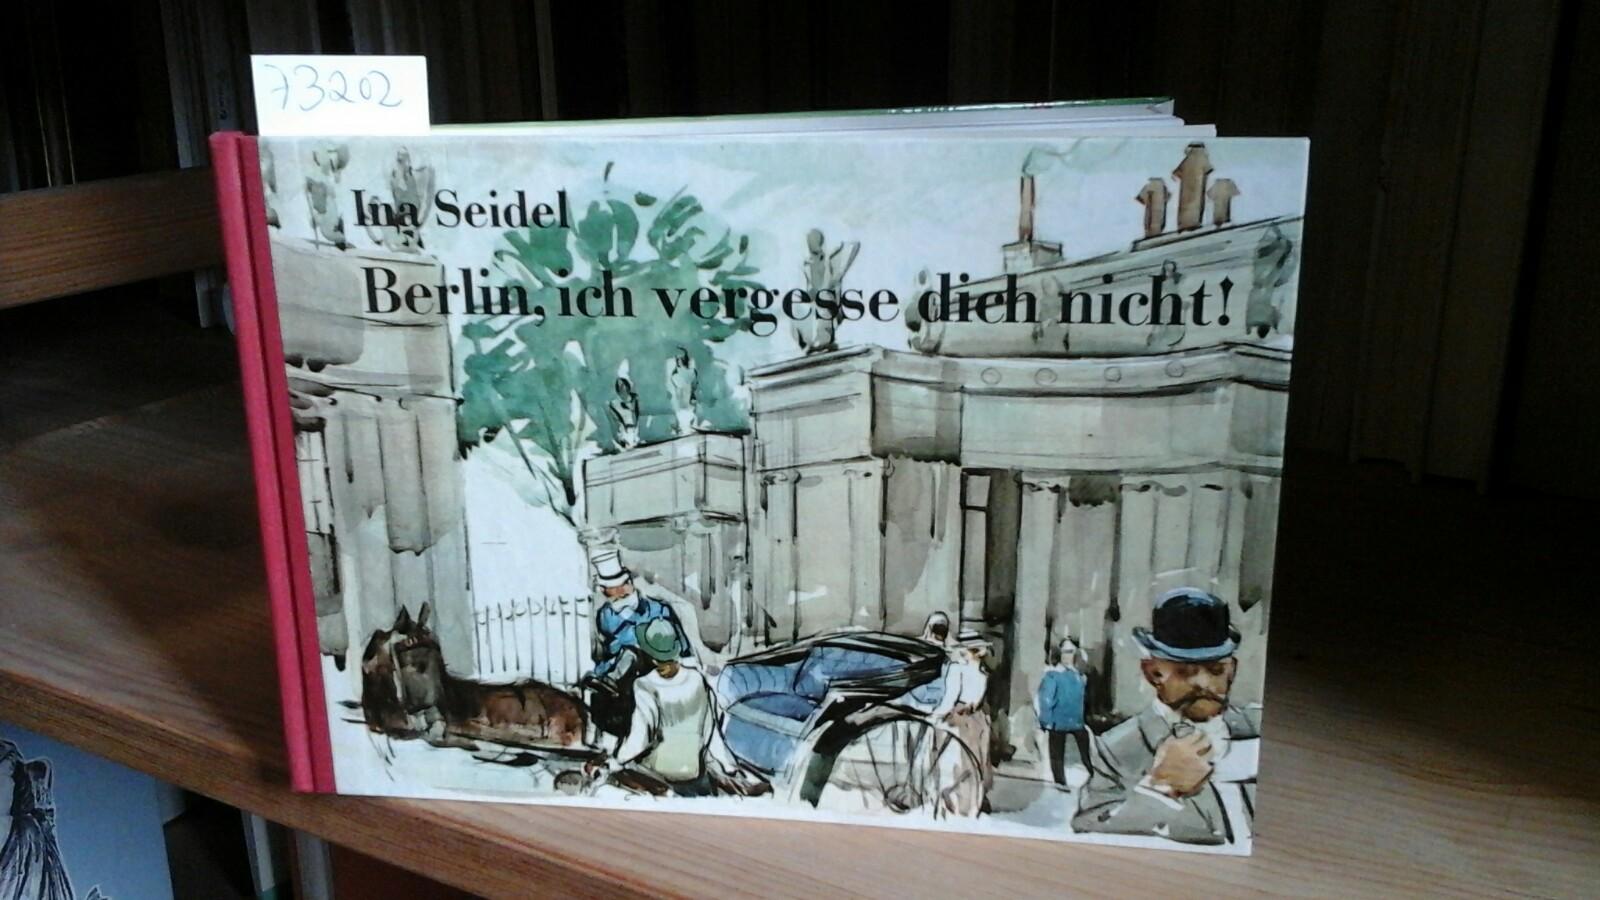 Berlin, ich vergesse Dich nicht! - SEIDEL, INA